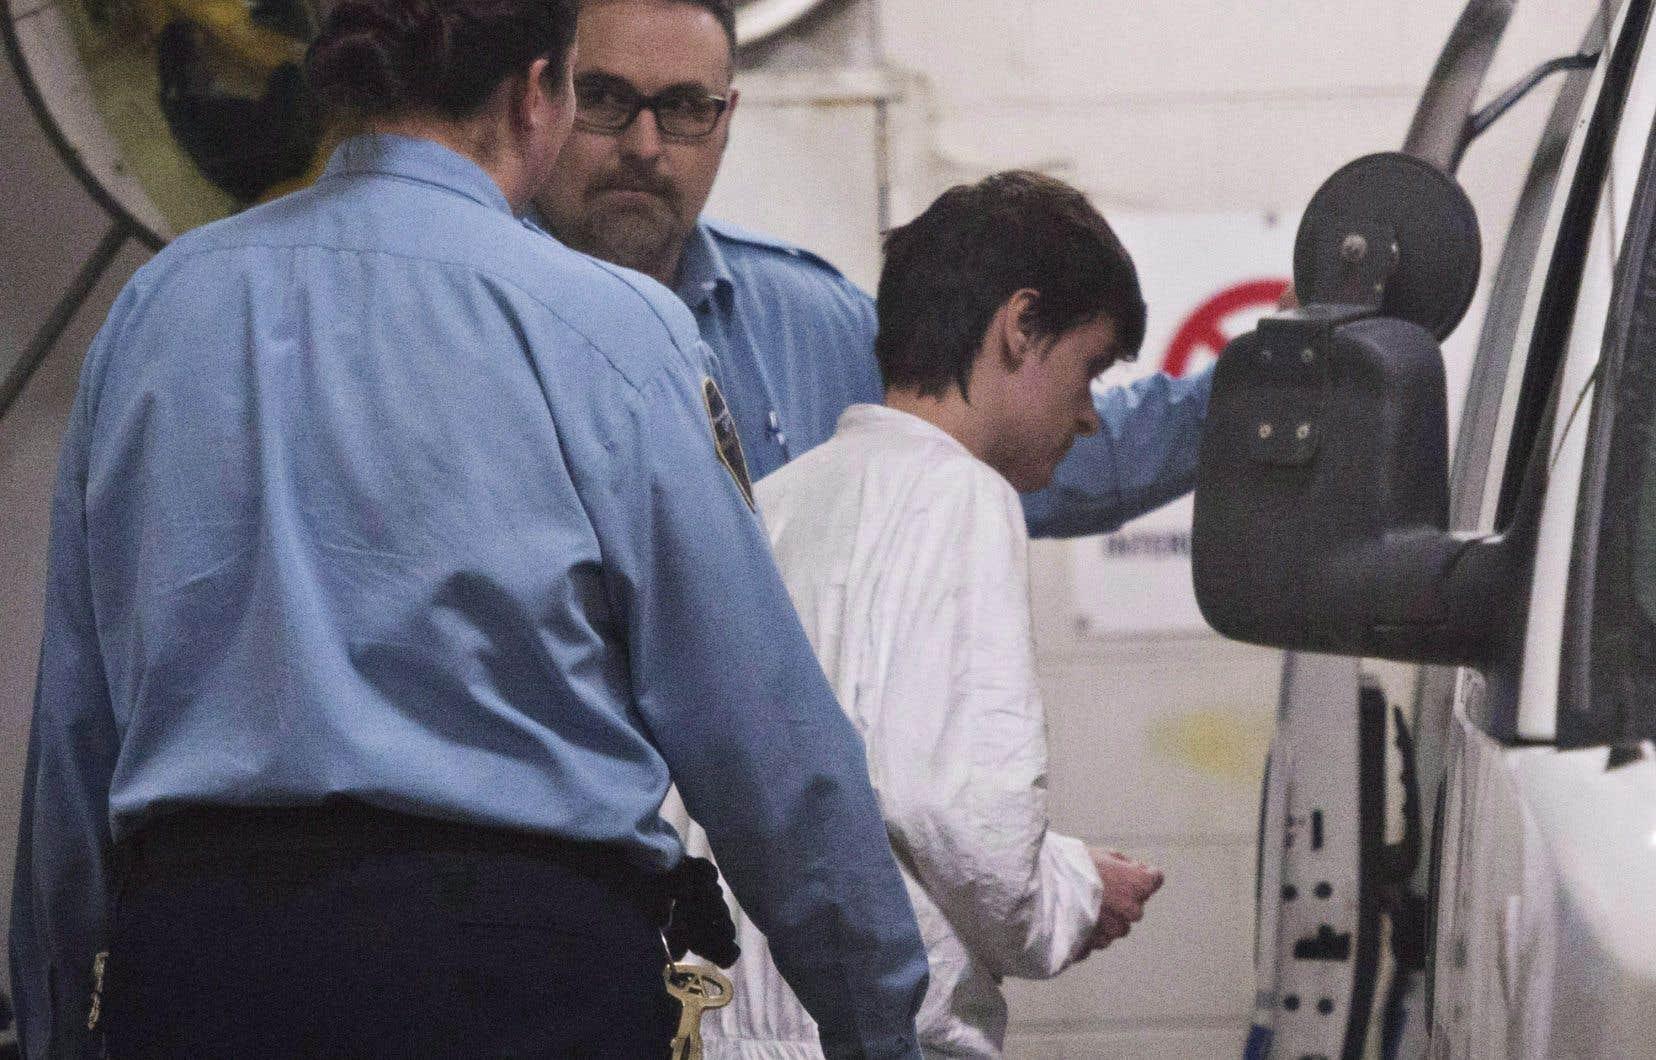 La peine de prison à vie assortie d'une période d'emprisonnement minimale de 40ans imposée à Alexandre Bissonnette a été portée en appel par la Couronne et par la défense.